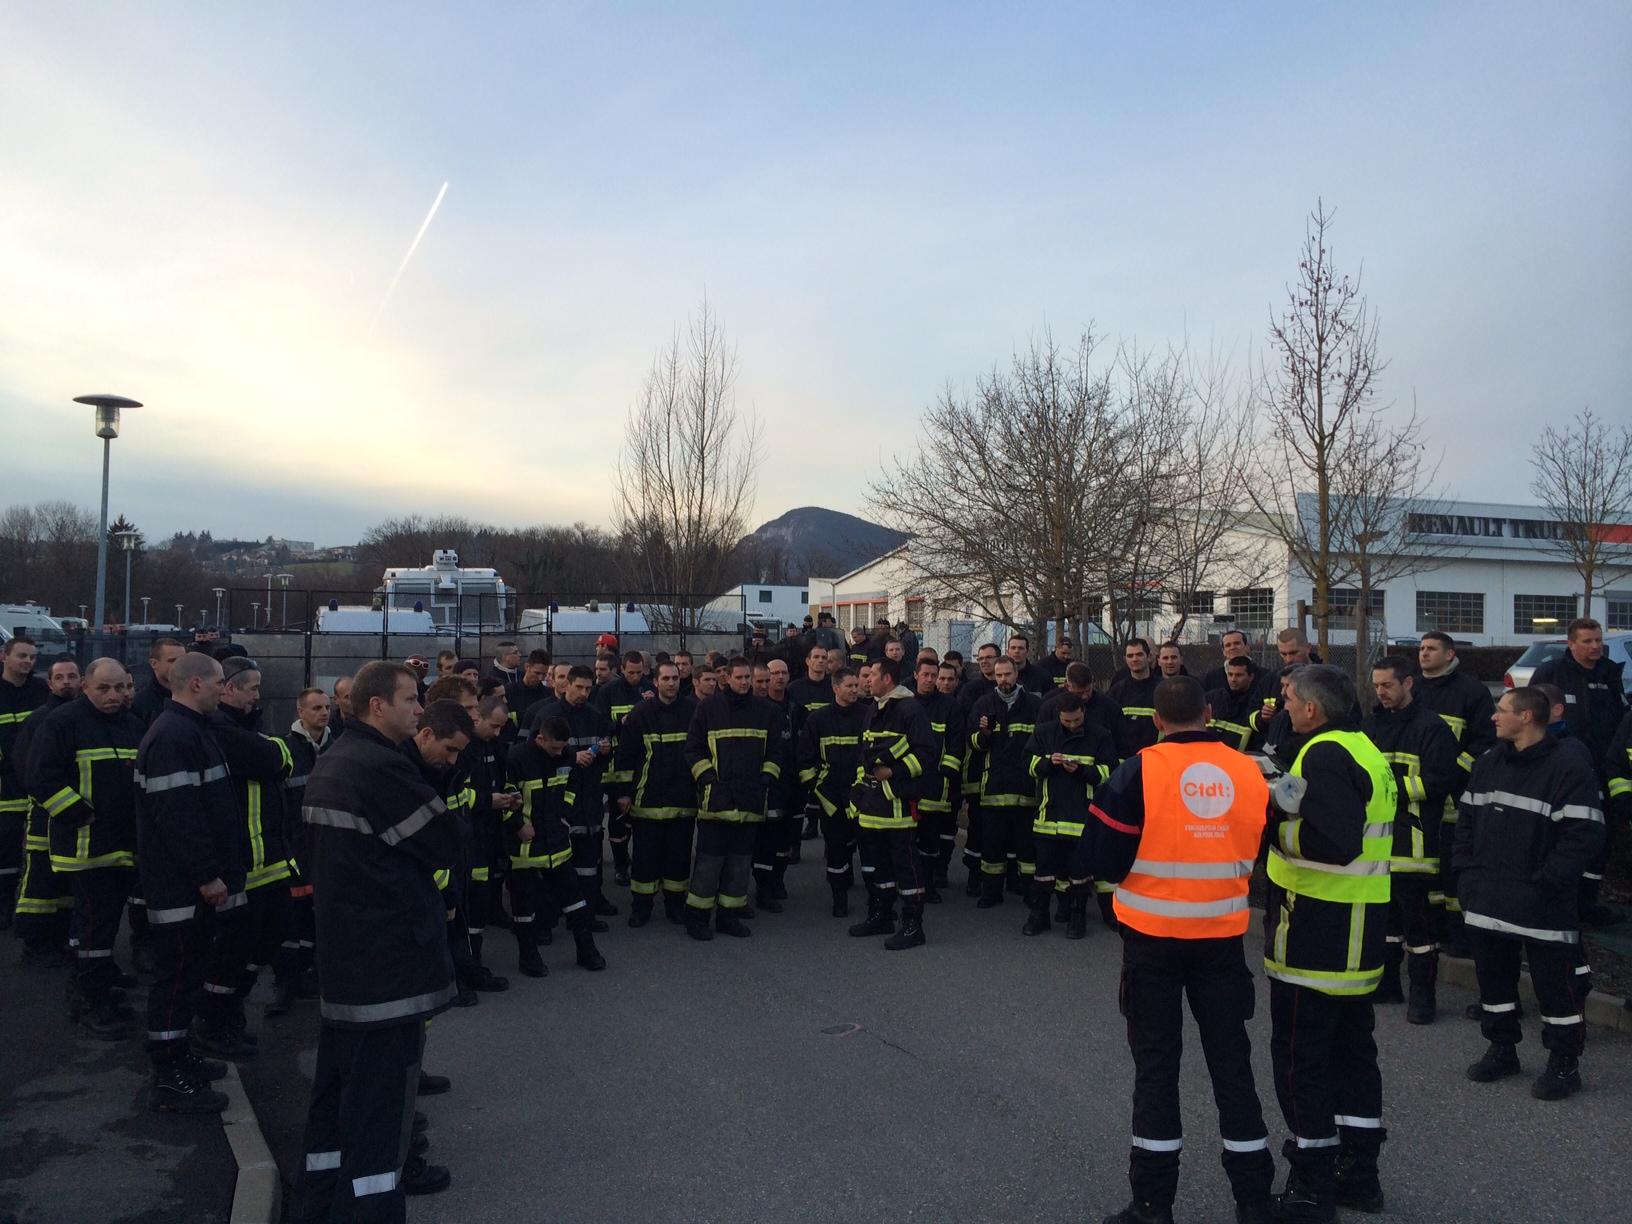 Les pompiers de haute savoie font peur aux lus cfdt pompiers pats - Point p annemasse ...